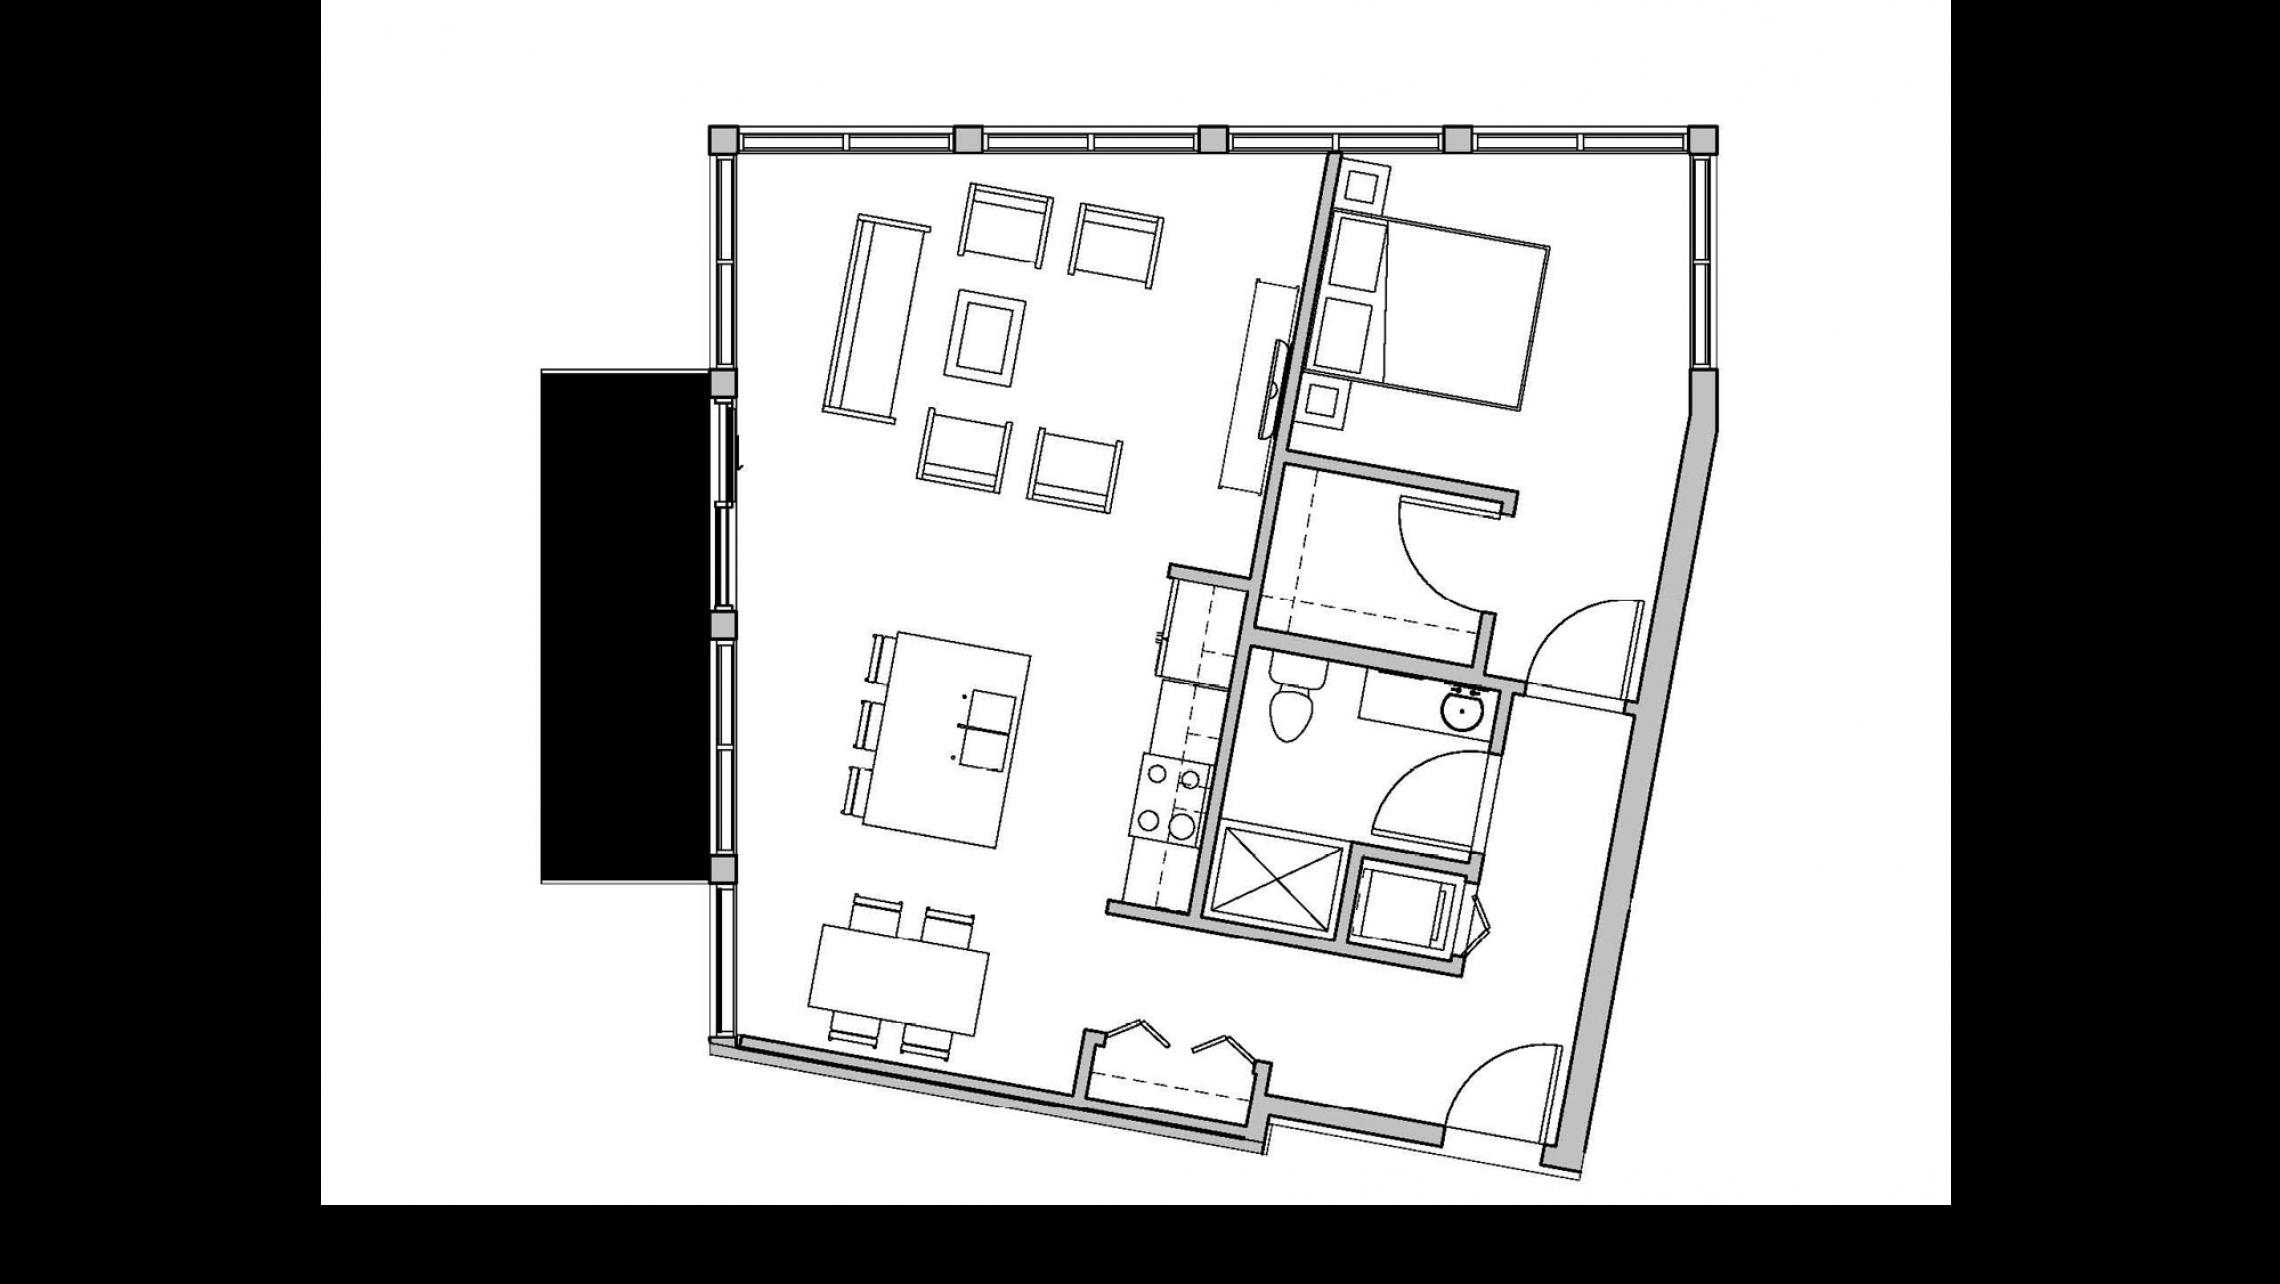 ULI Seven27 339 - One Bedroom, One Bathroom